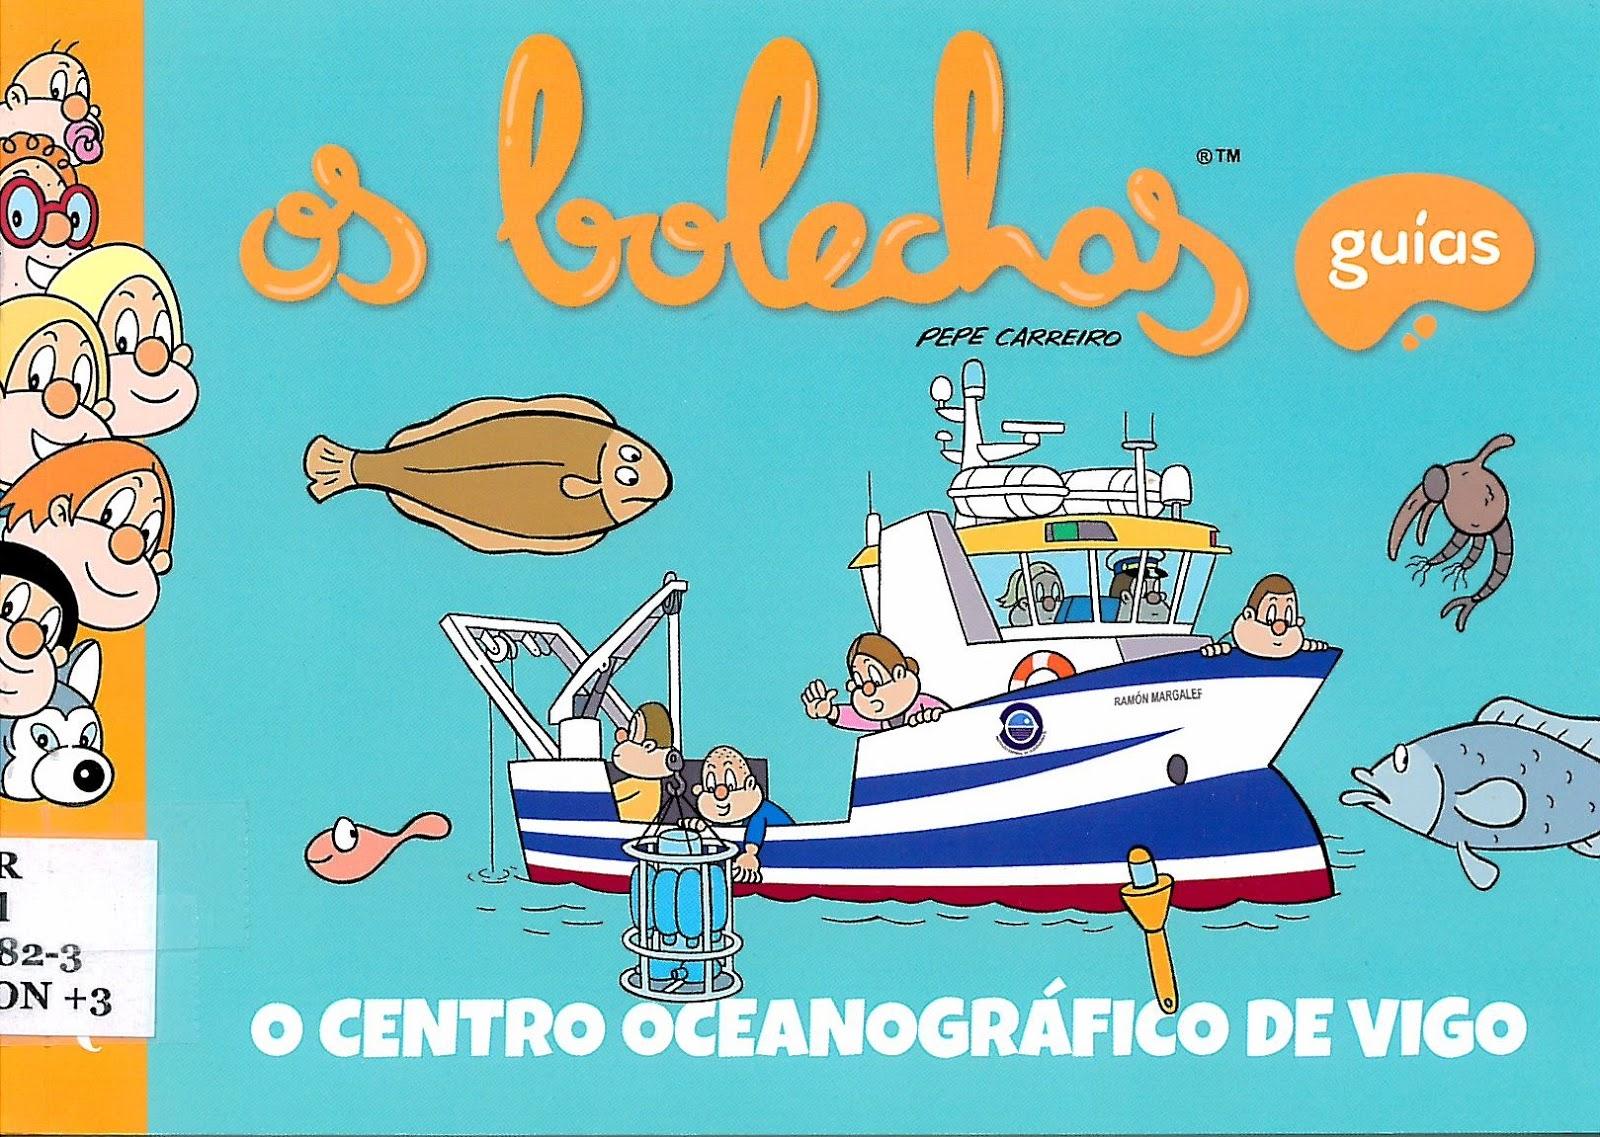 """O Centro Oceanográfico de Vigo. Guías """"Os Bolechas"""""""